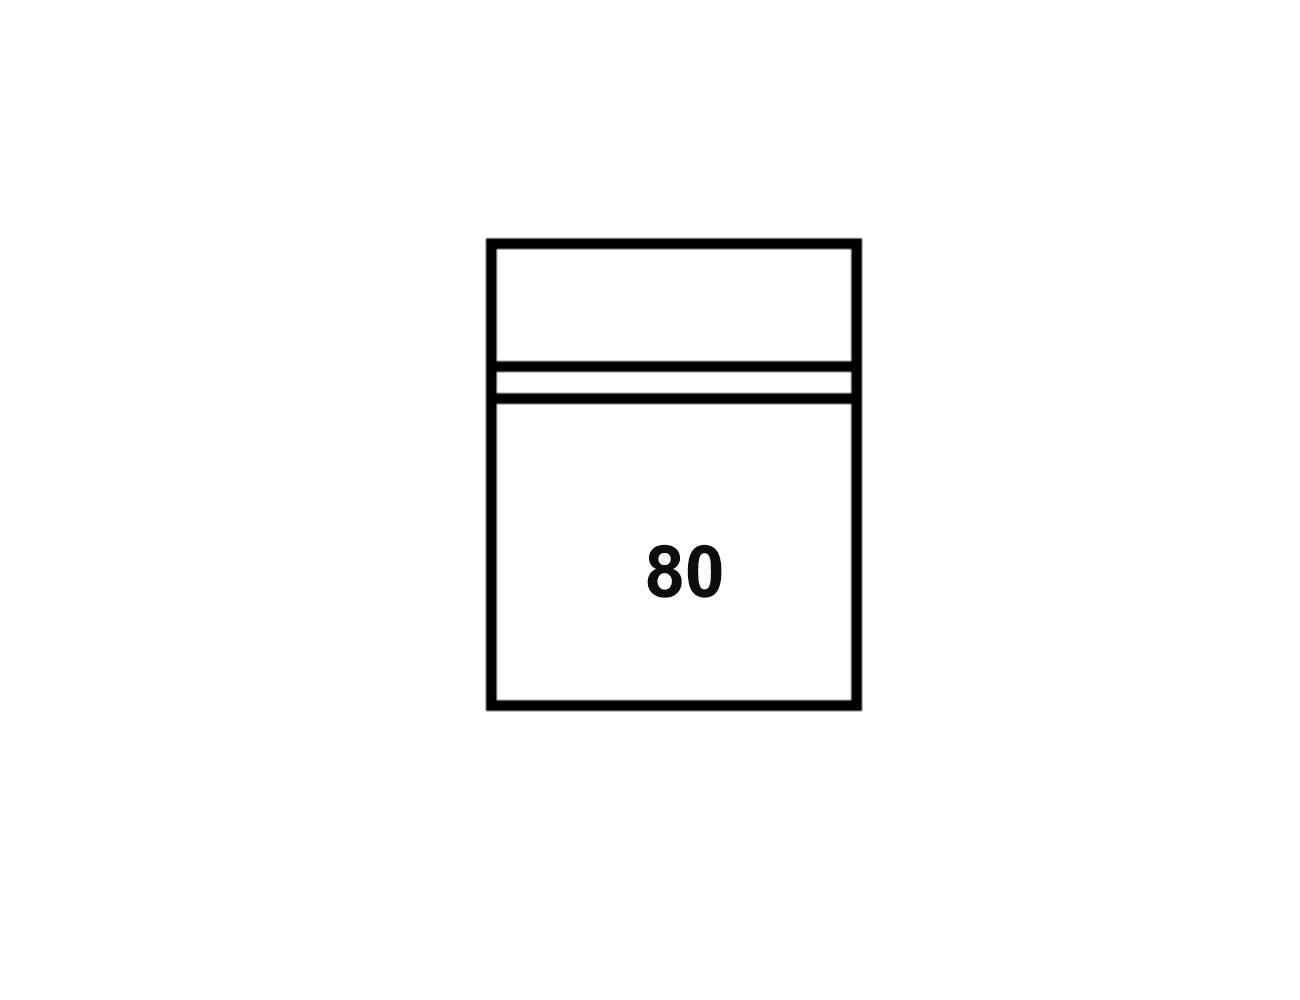 Modulo 1p 802